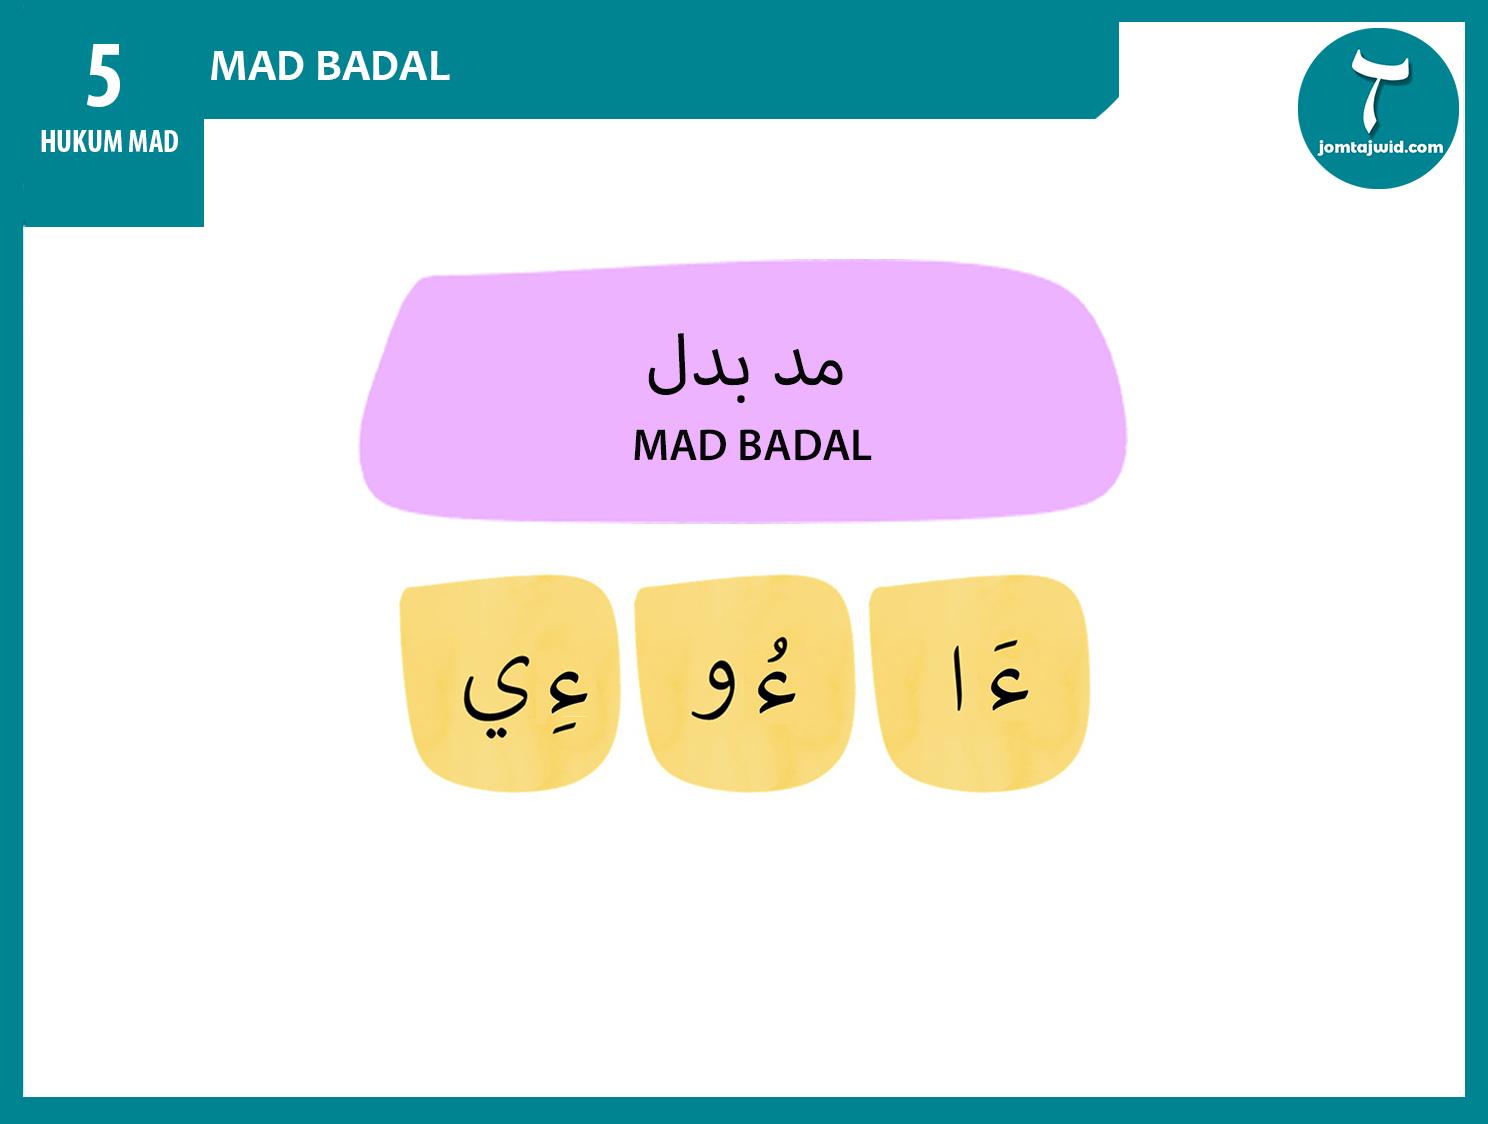 JomTajwid - Hukum mad badal 9 (Feature) new 2